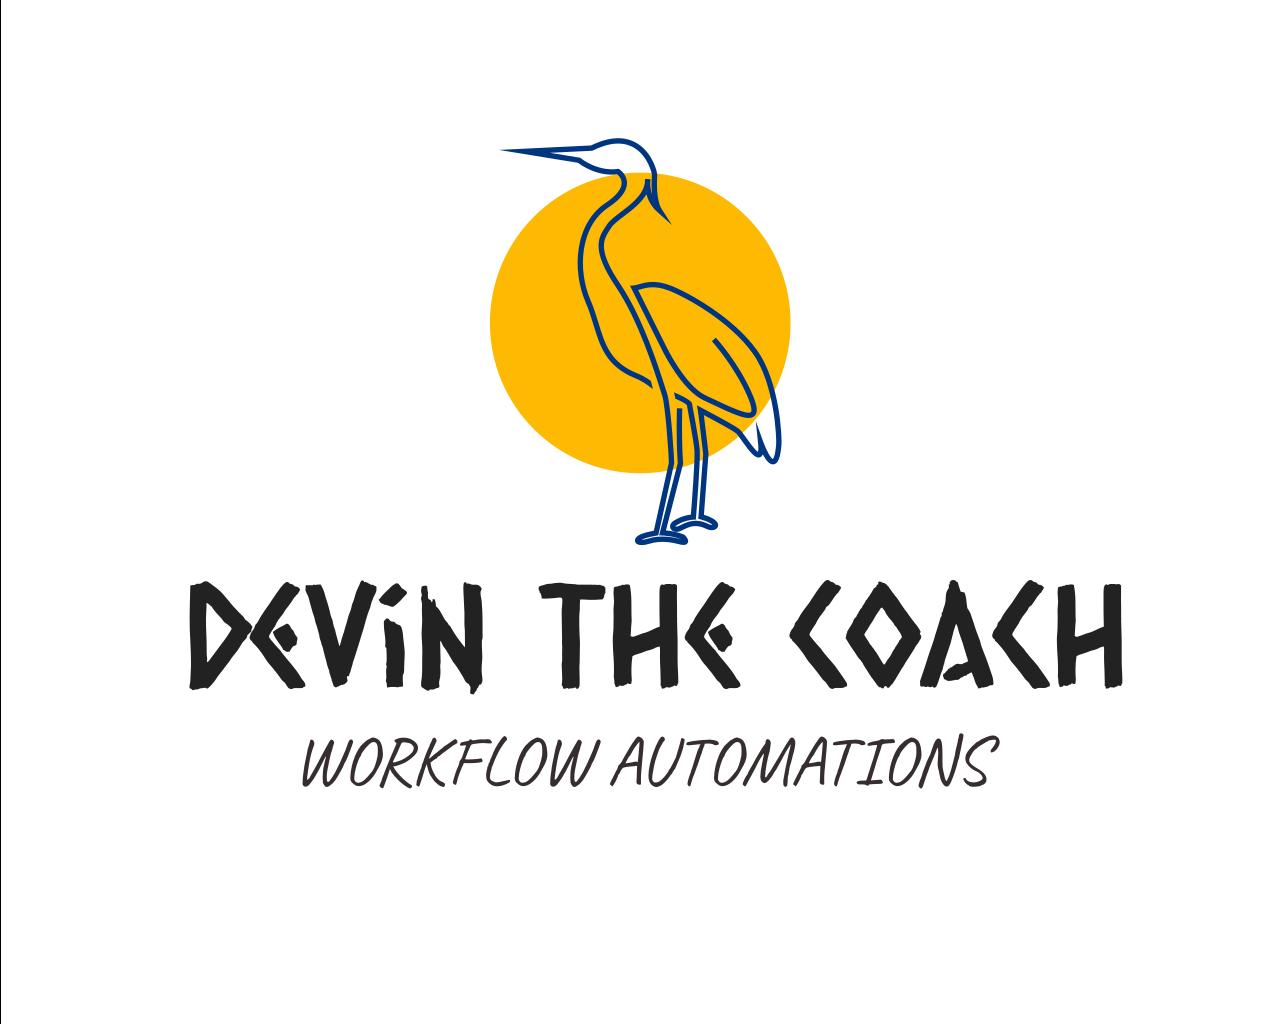 Devin The Coach